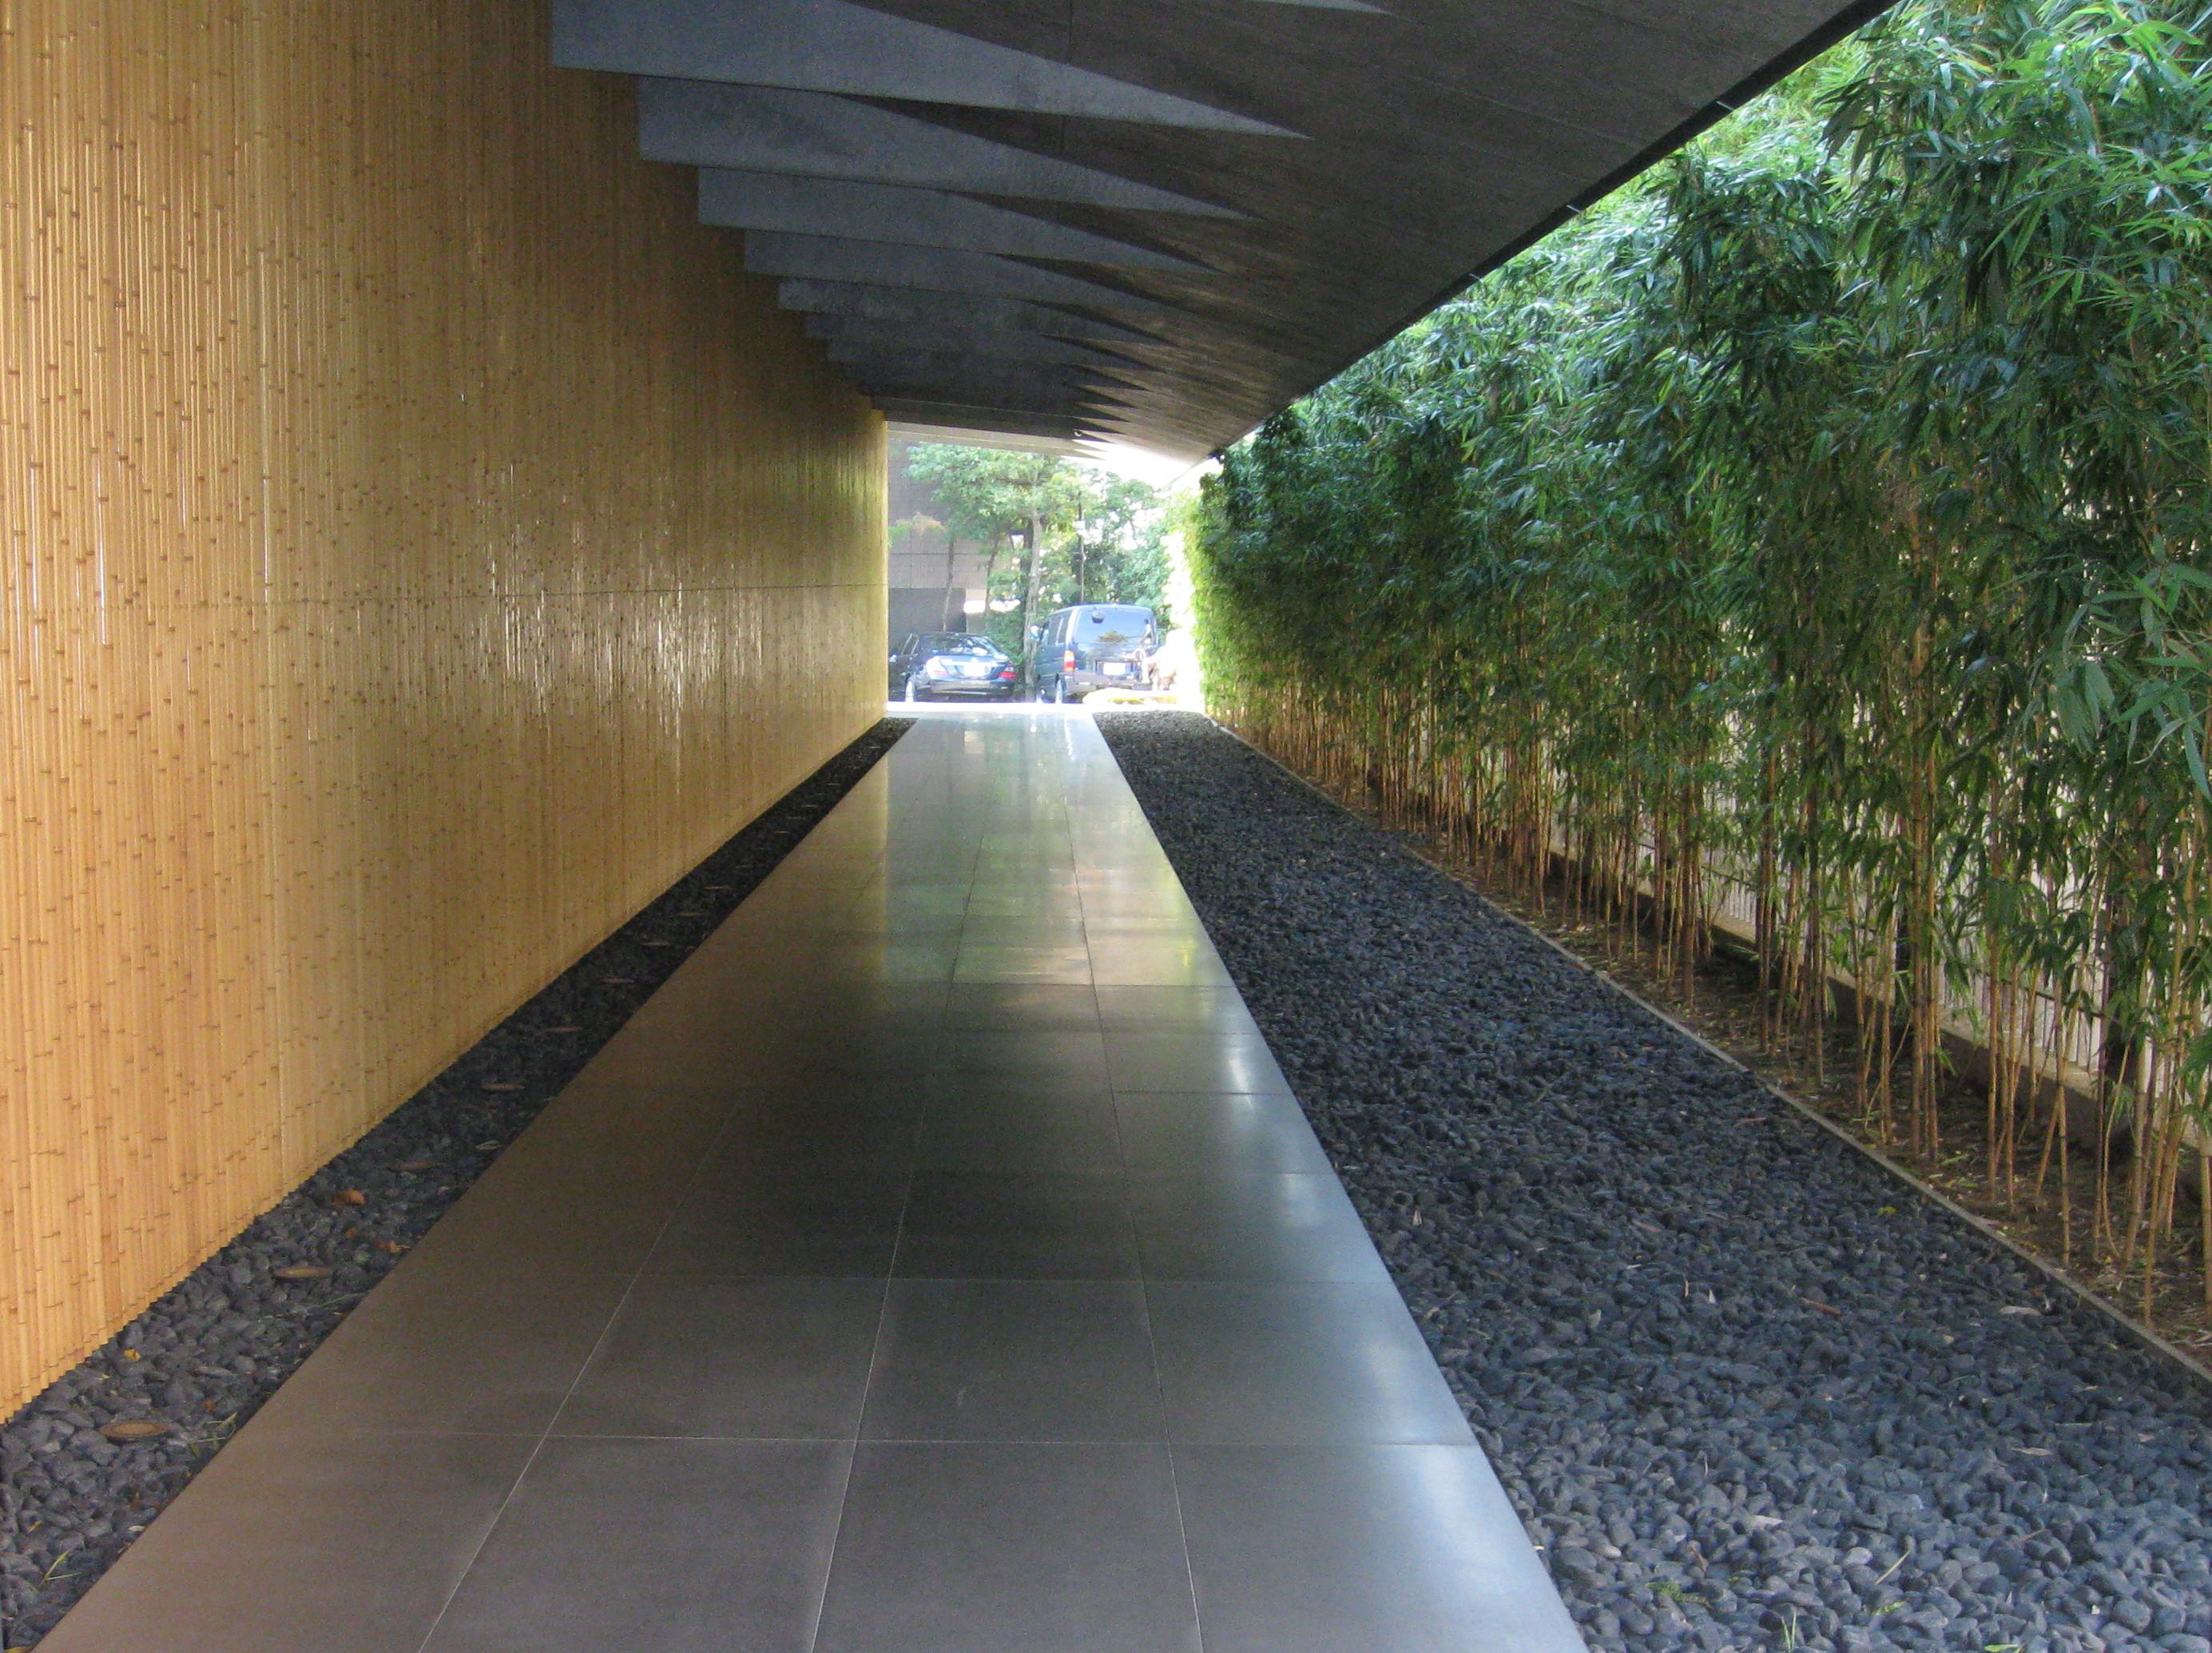 The Nezu Museum Amp Garden Tokyo The Way Of Words